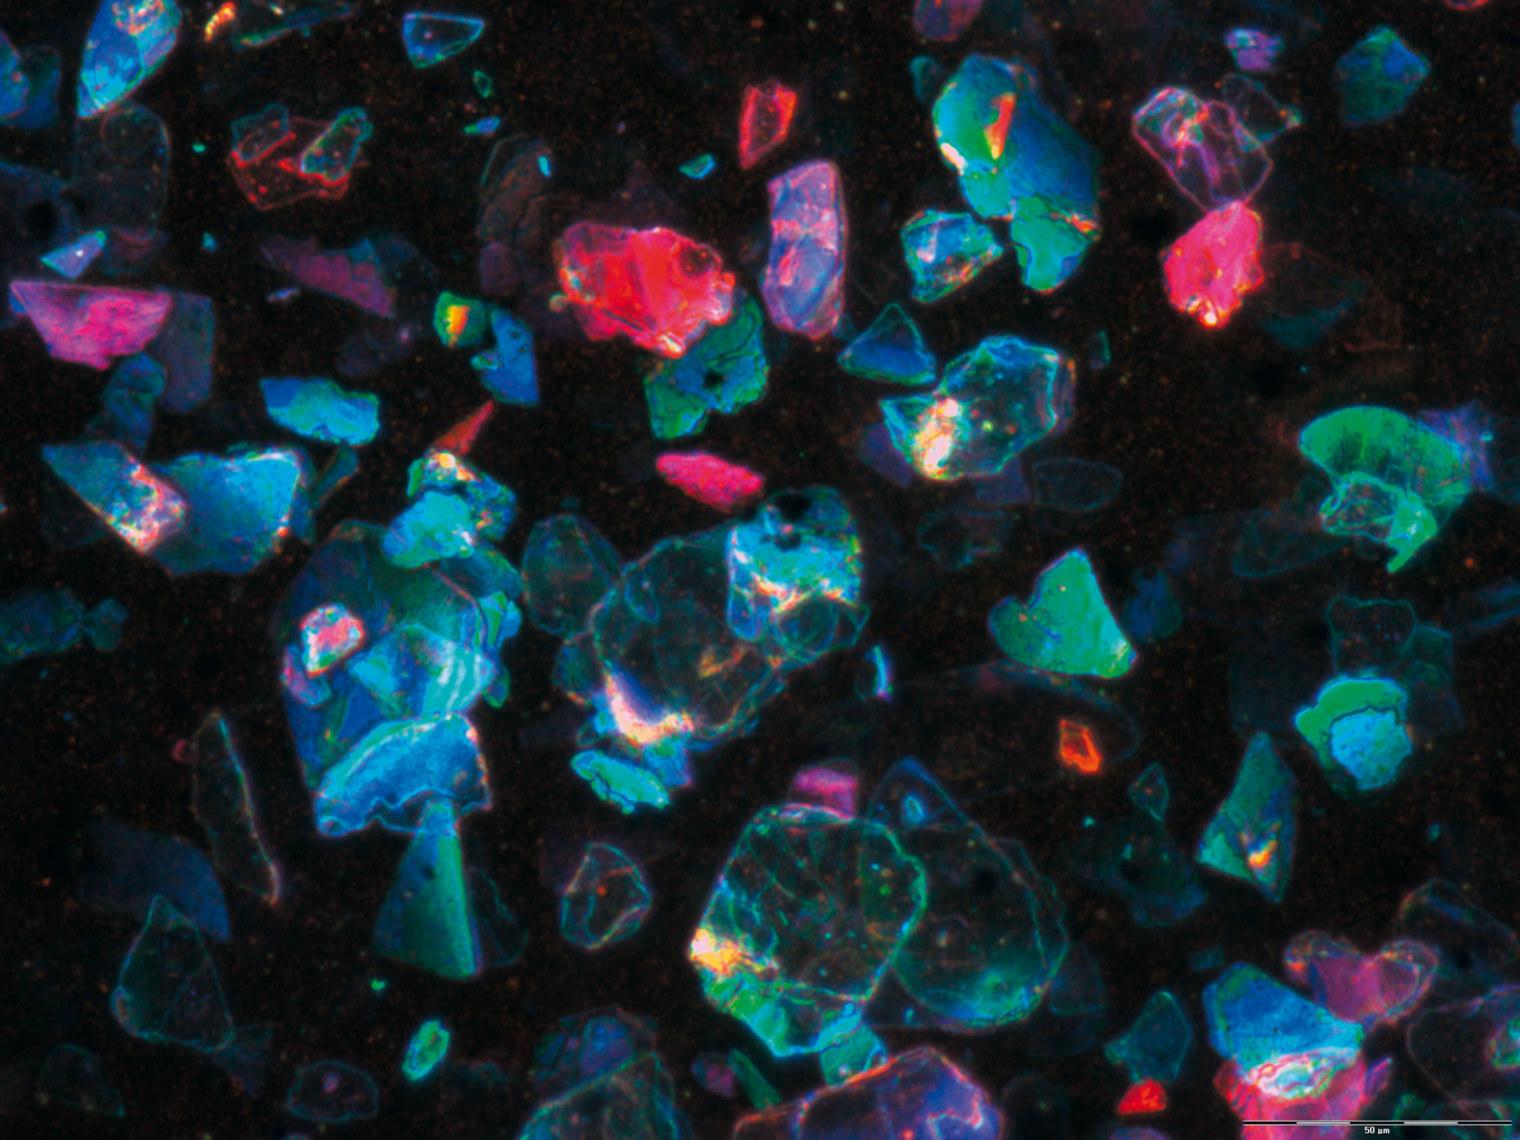 Selbes Prinzip beim Lack: Winzige Strukturteilchen bewirken den Farbeffekt.